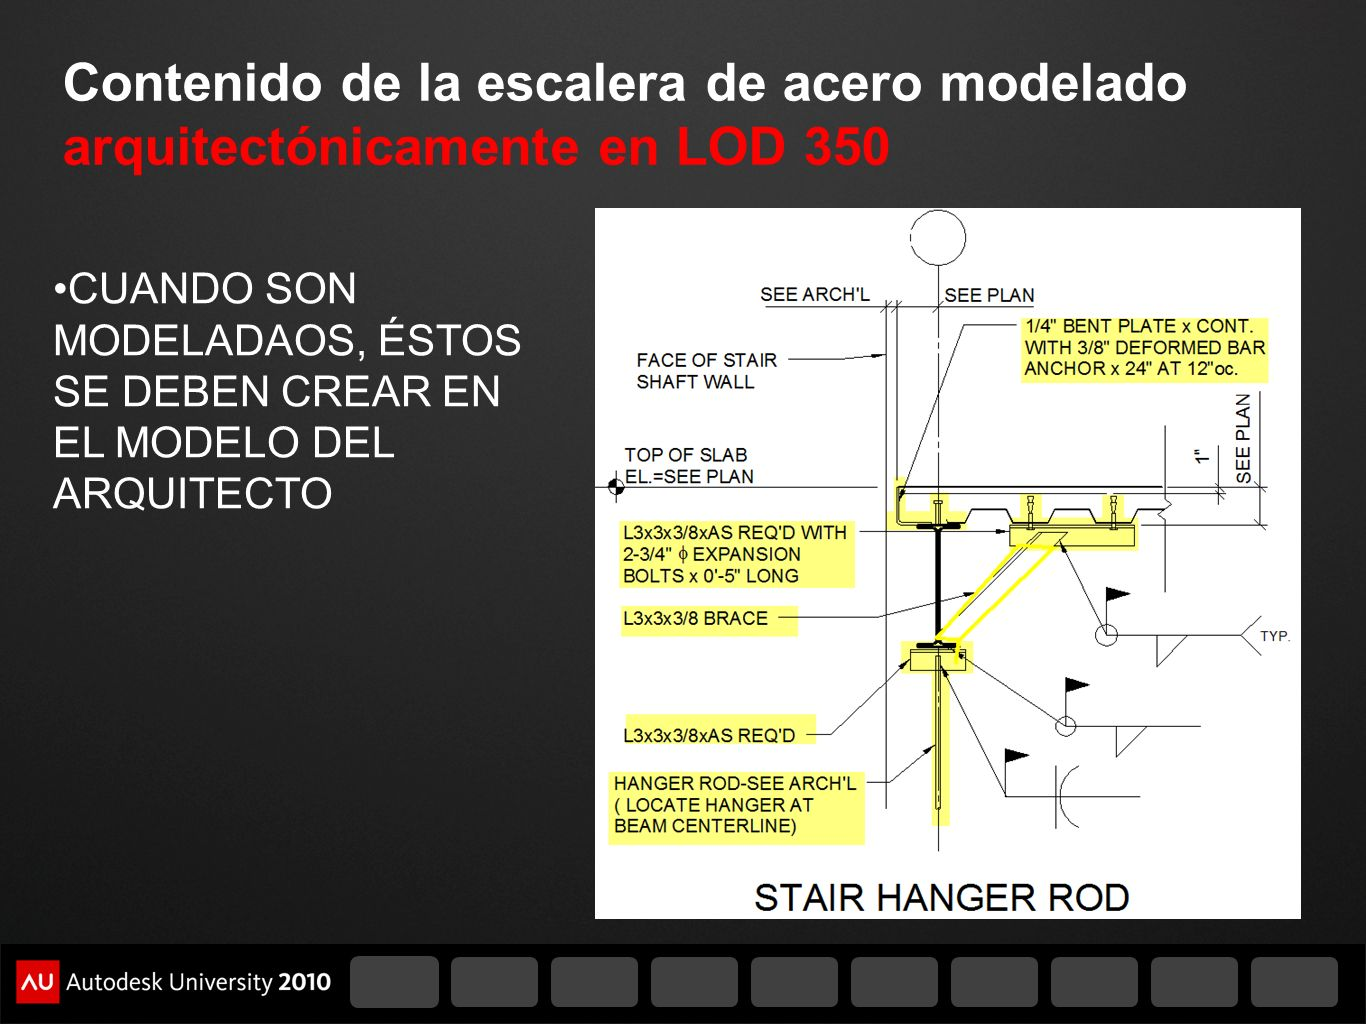 Contenido de la escalera de acero modelado arquitectónicamente en LOD 350